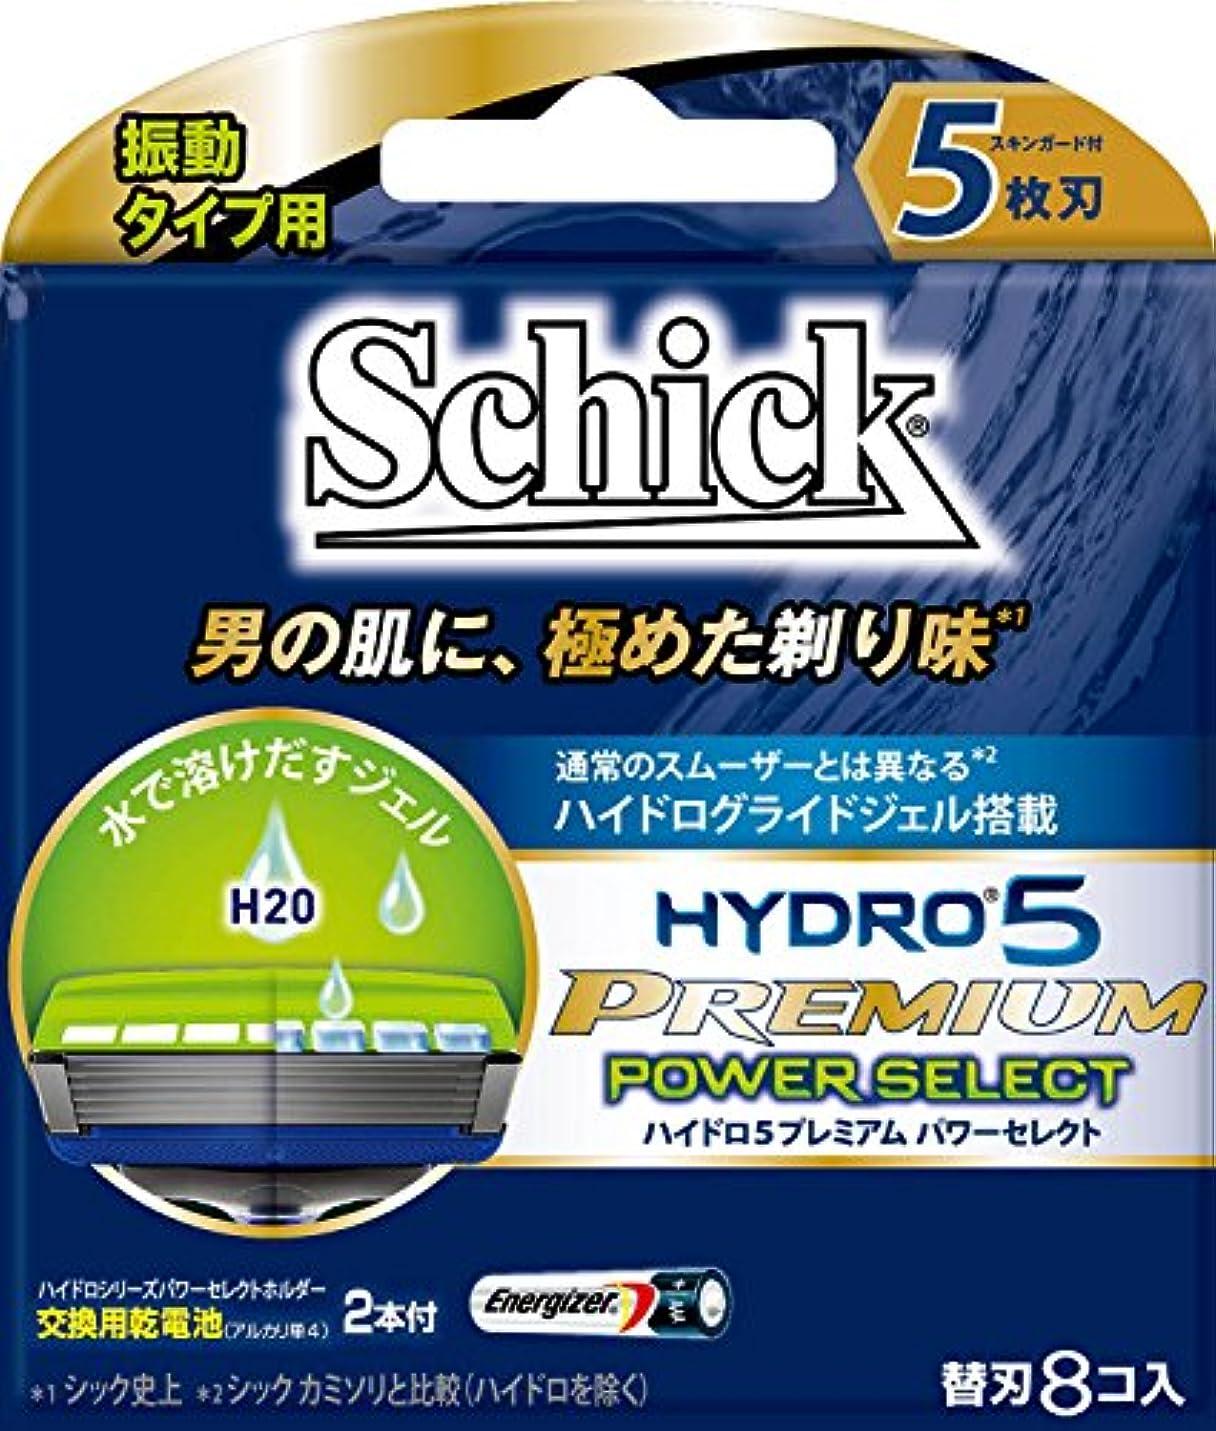 狂人気晴らしいたずらシック Schick 5枚刃 ハイドロ5 プレミアム 替刃 8コ入 アルカリAAA単4乾電池2本付 男性カミソリ